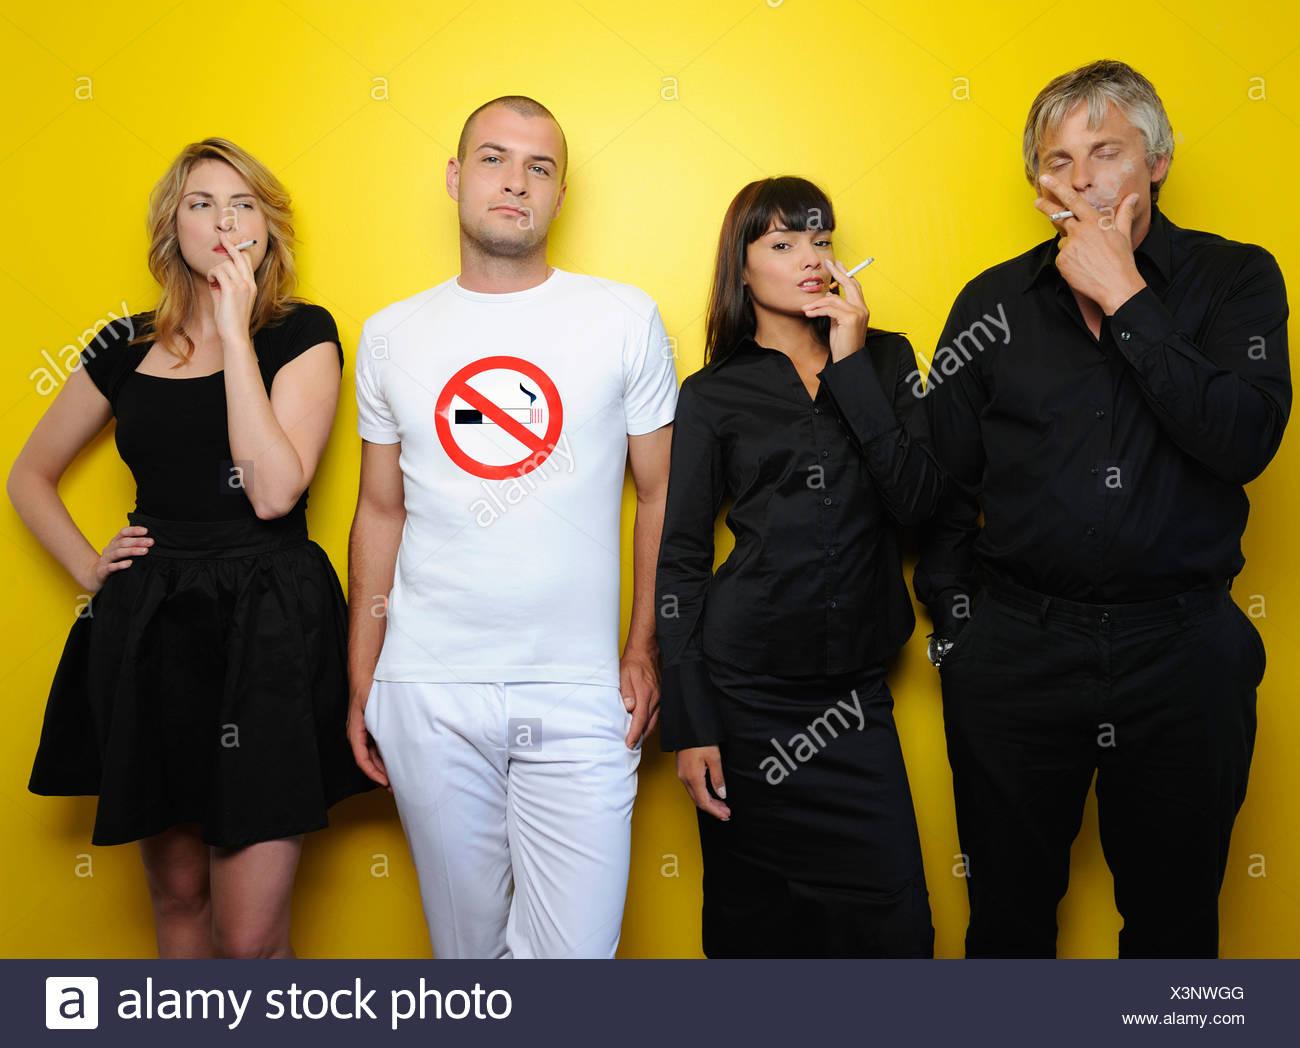 Umgeben von Raucher, Nichtraucher Studio gedreht Stockbild